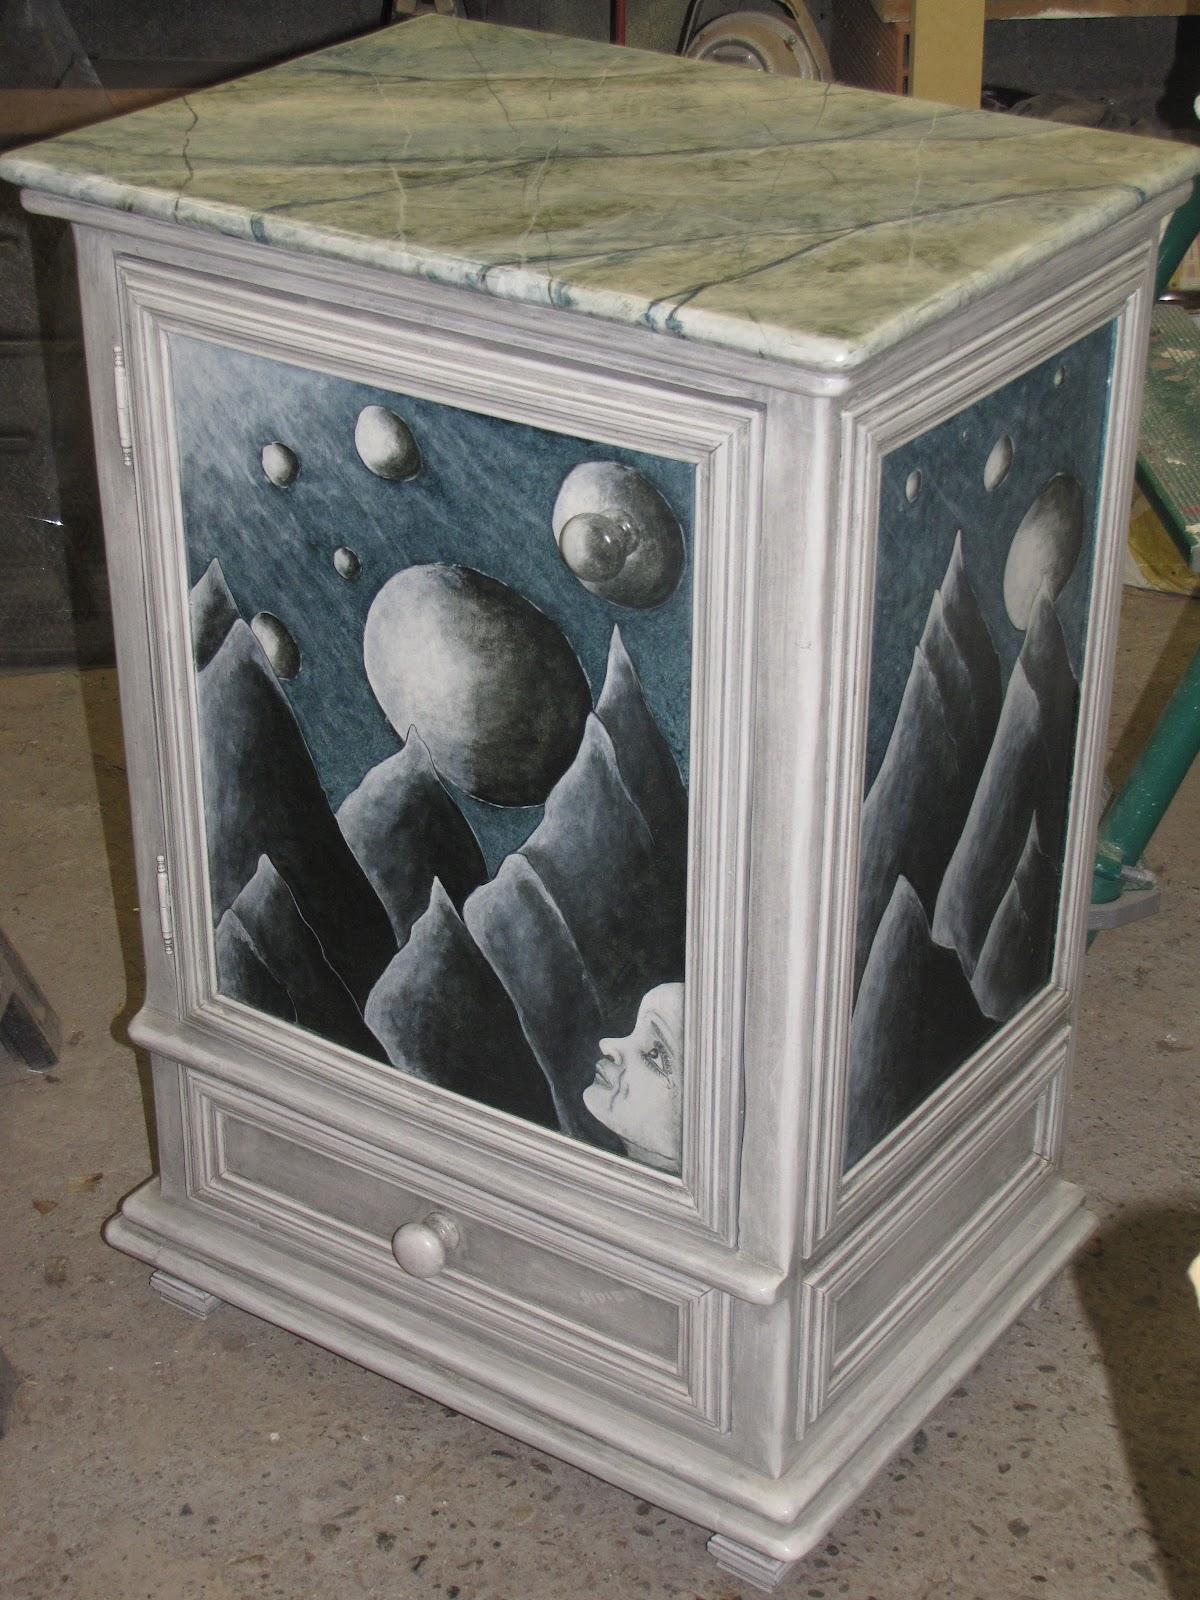 peinture d corative artisanale didier roussel meuble peint acrylique et patine a l 39 huille. Black Bedroom Furniture Sets. Home Design Ideas